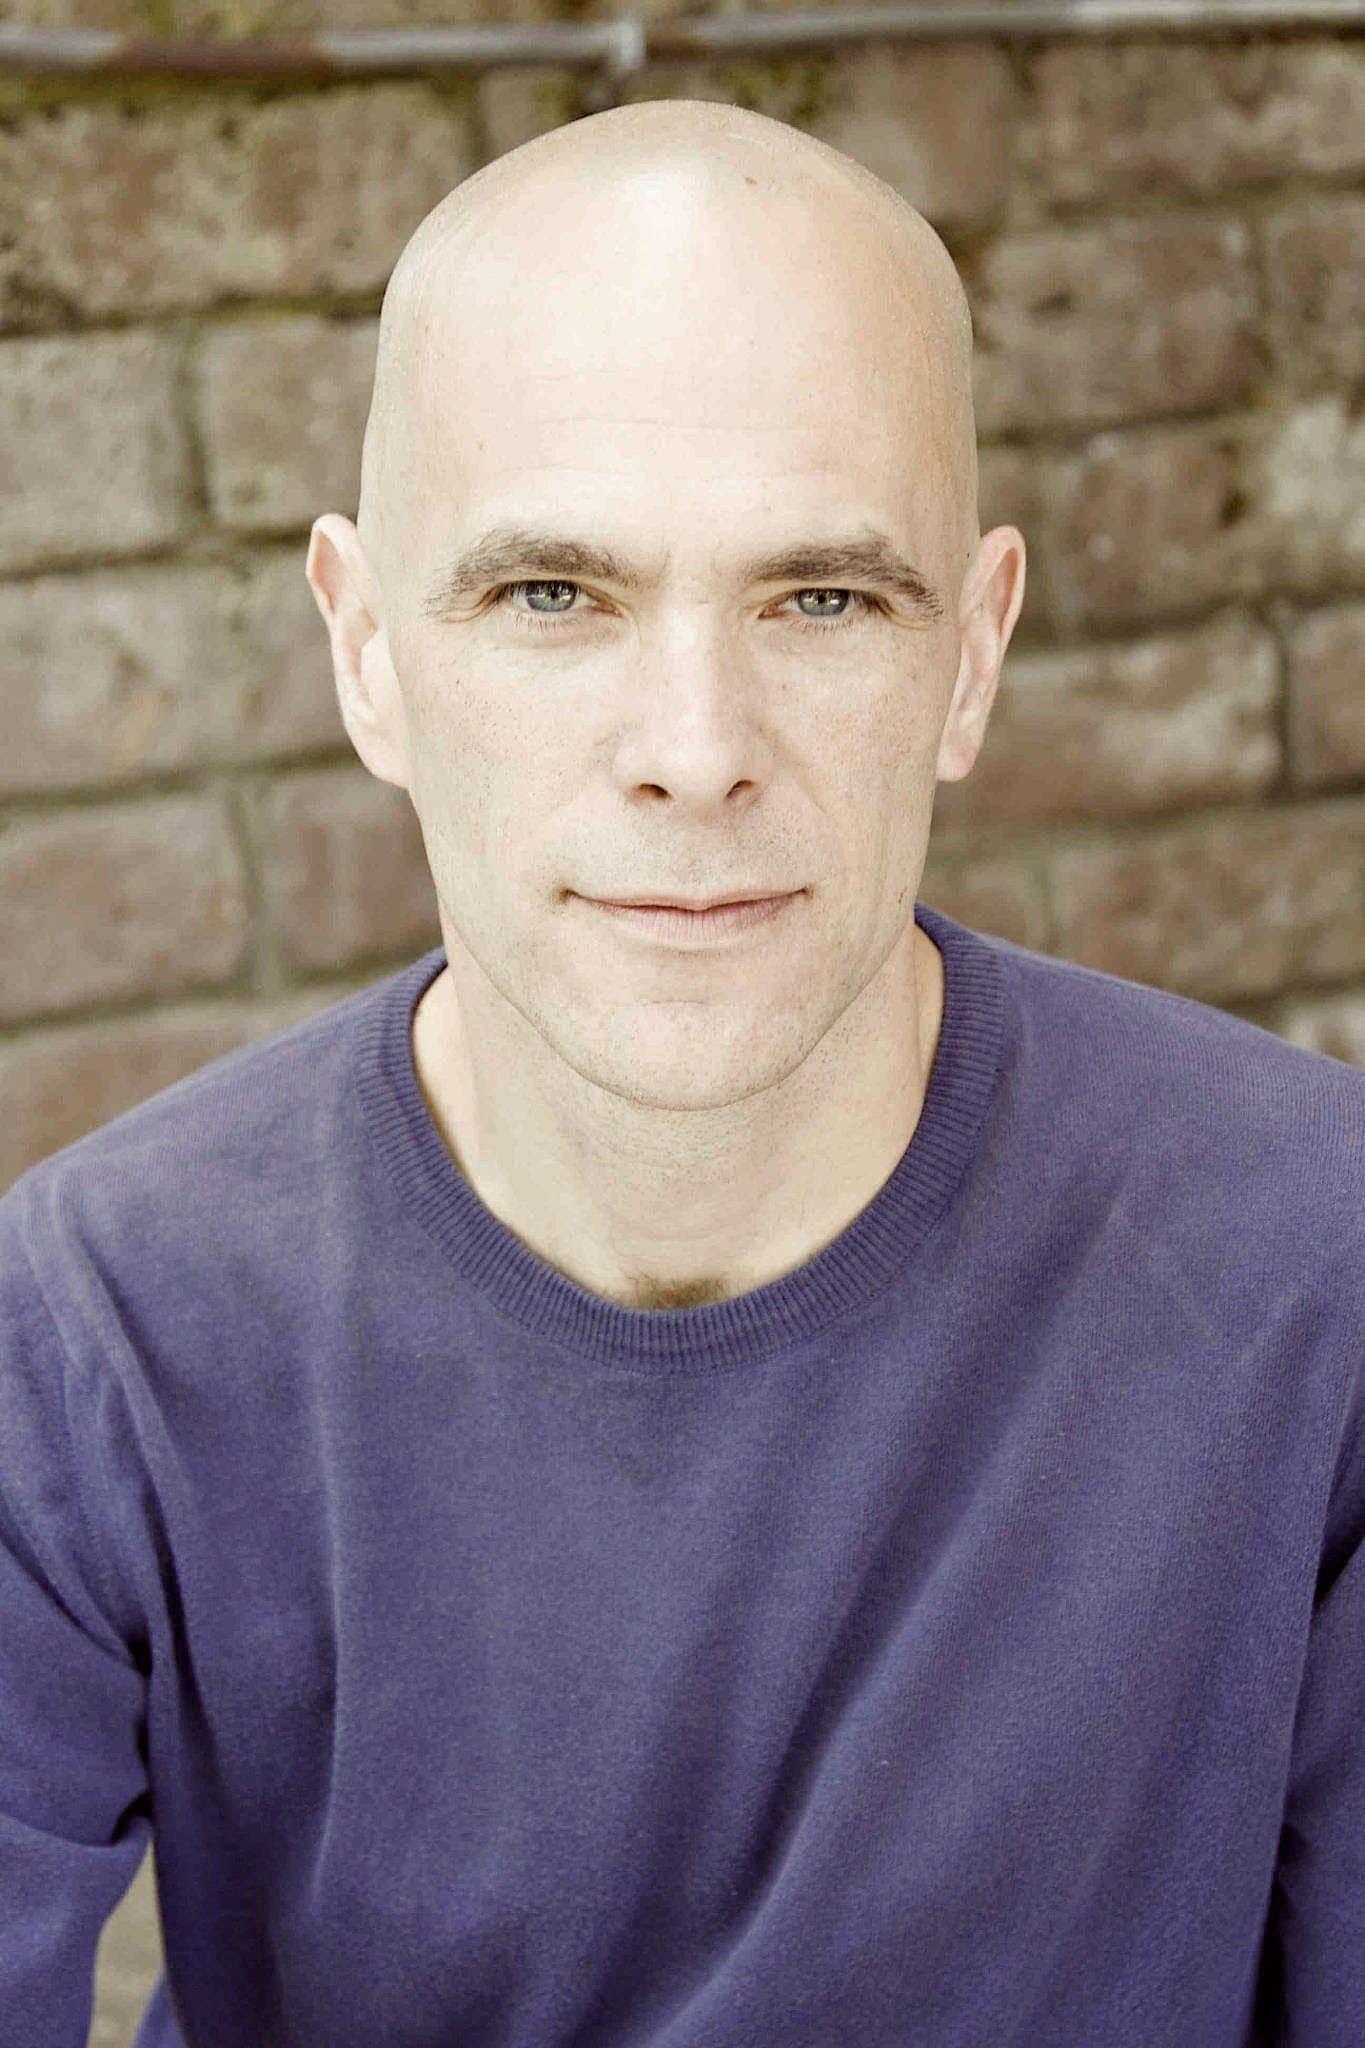 NY Times Bestseller and Comic Writer Jim Krueger